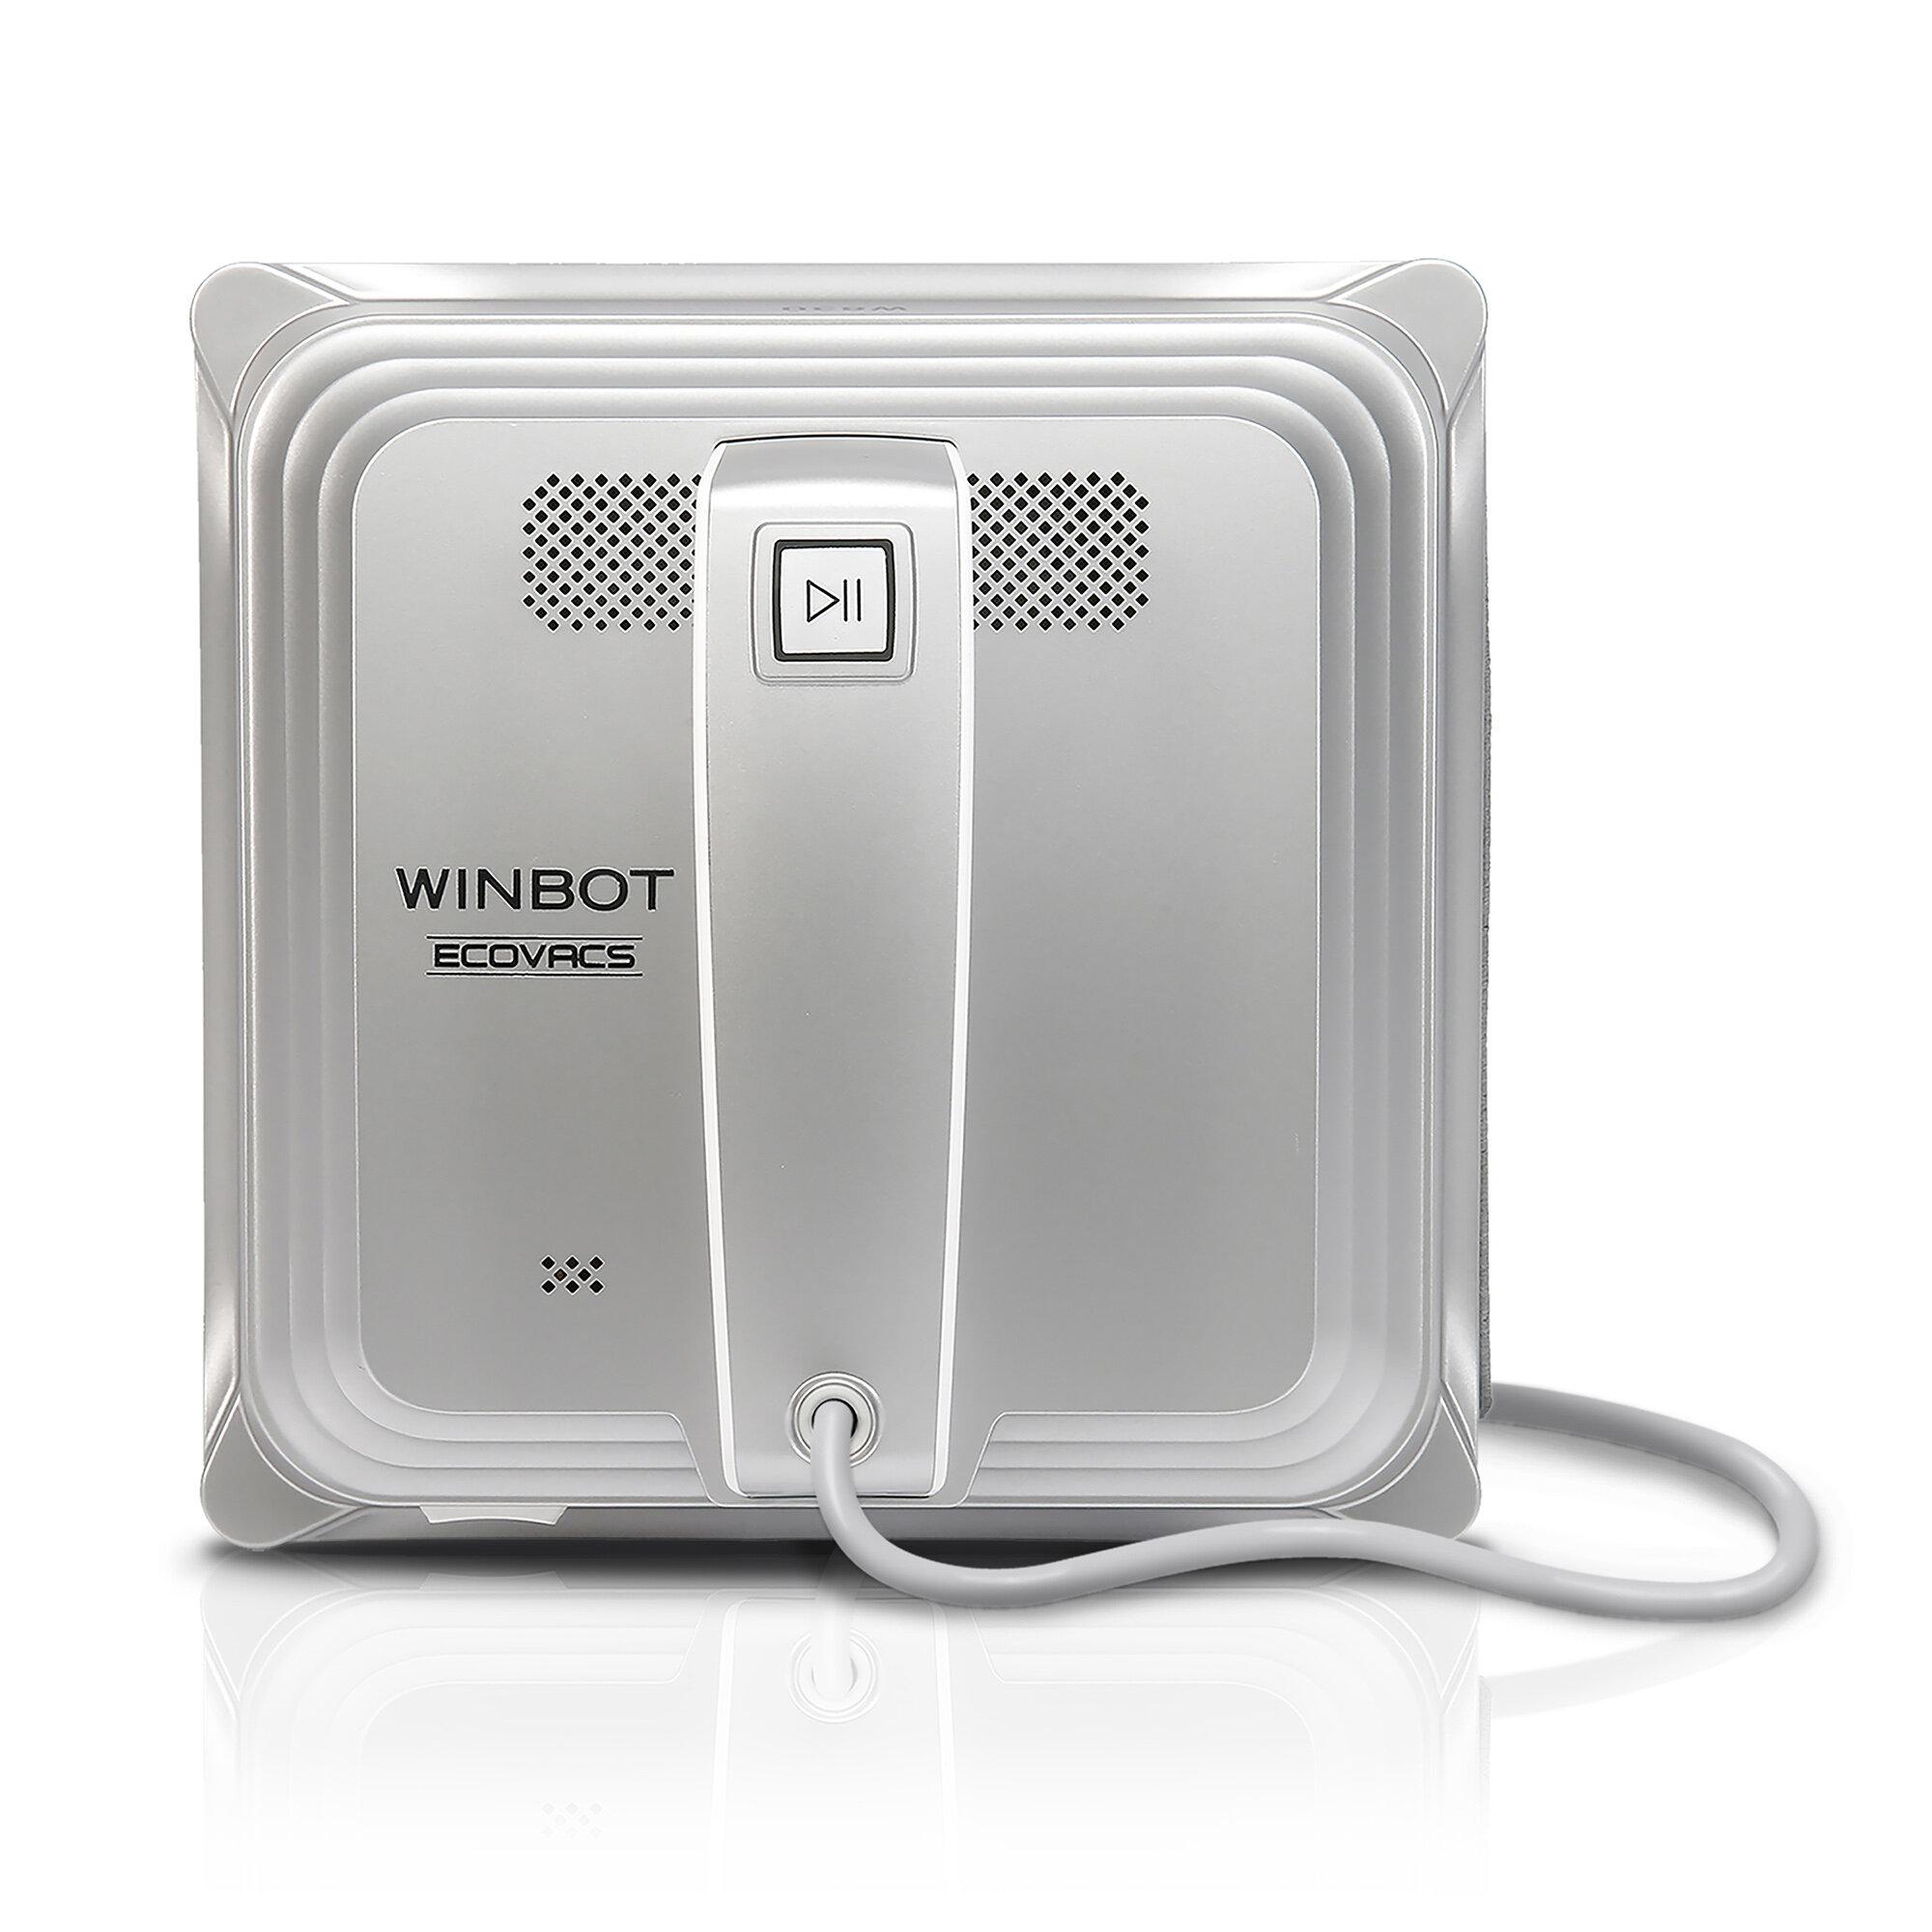 ecovacs robotics, inc. winbot 830 robotic window cleaner | wayfair